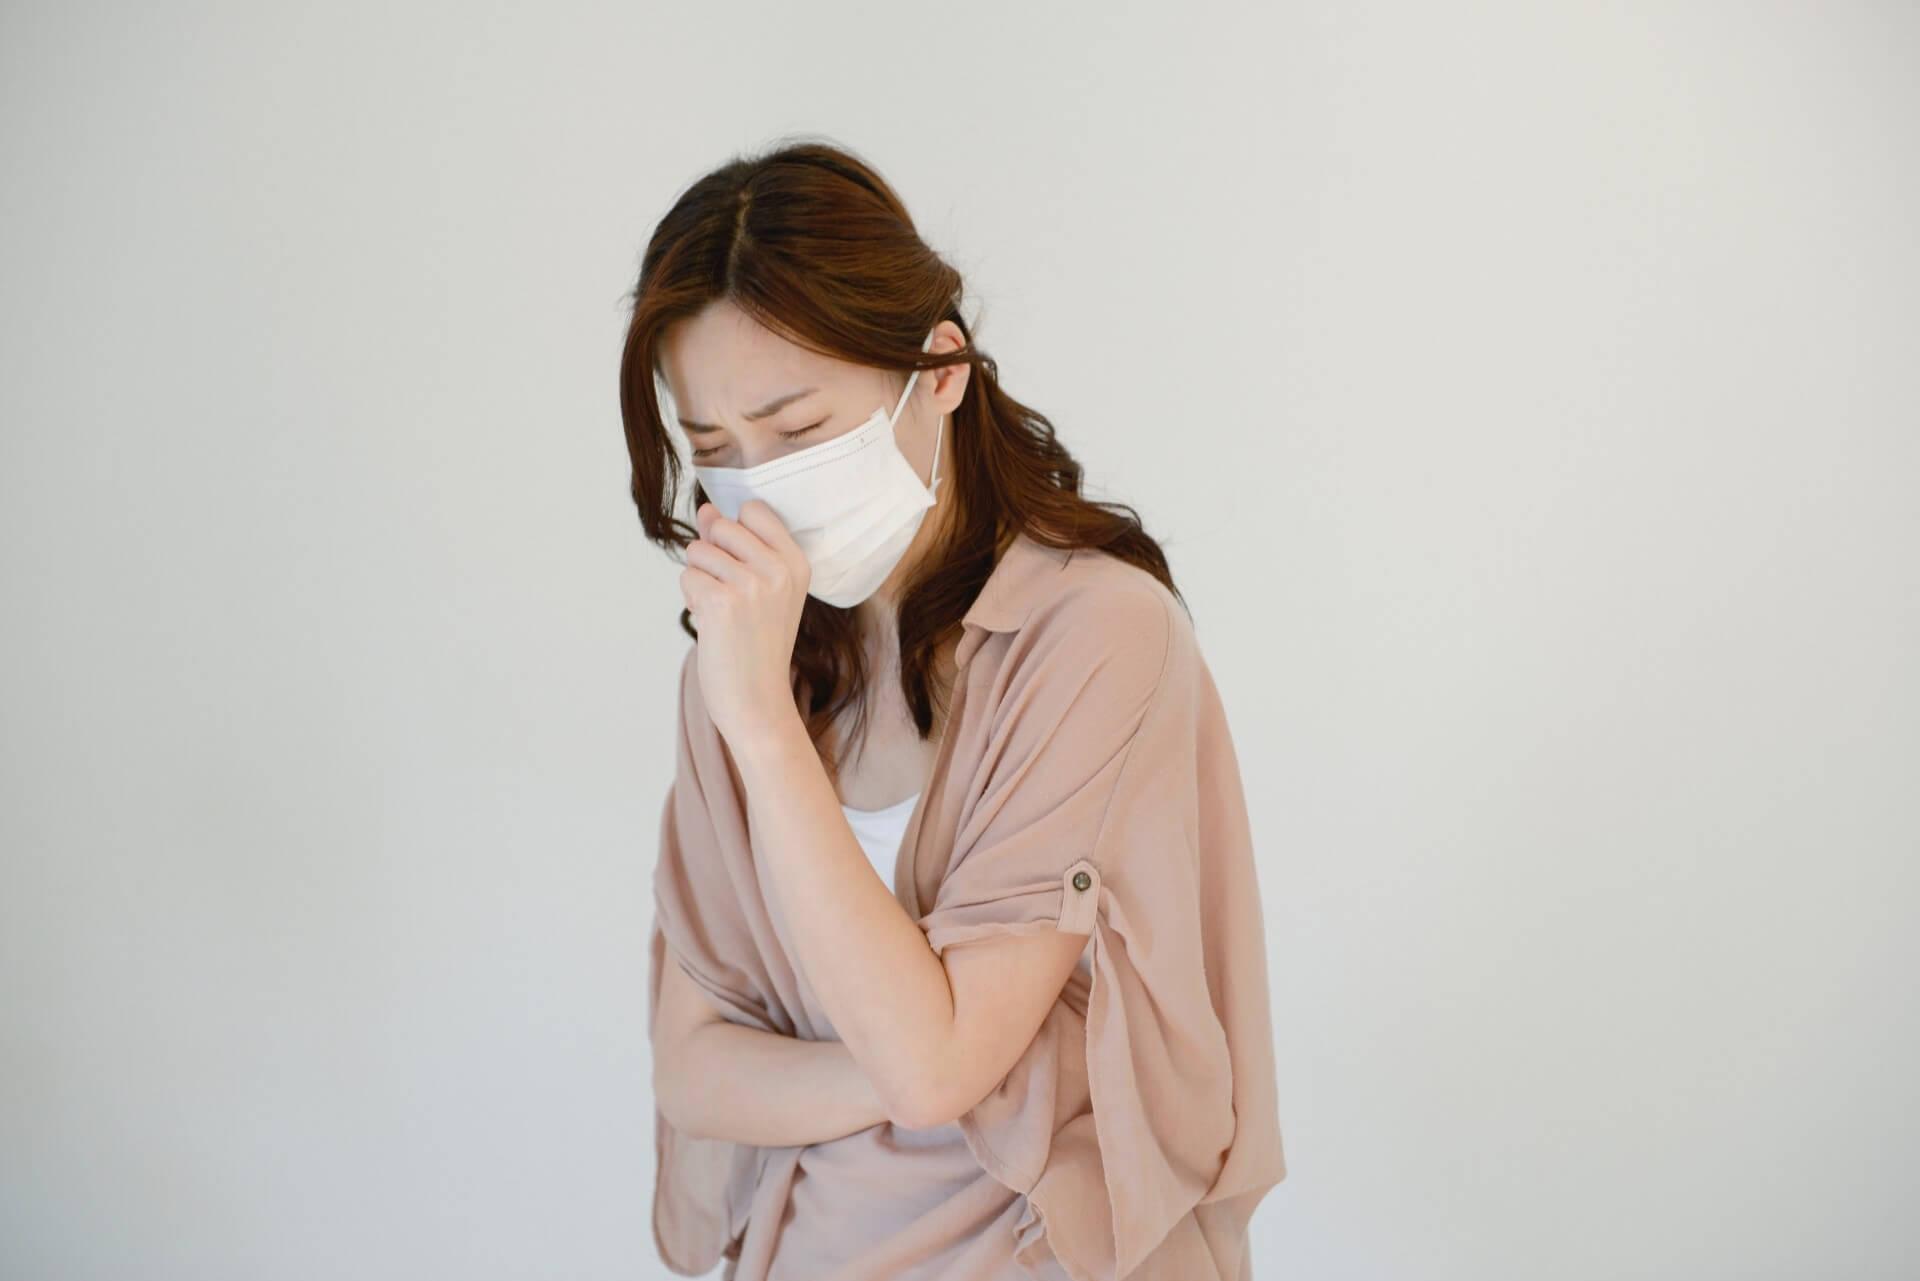 原因不明で悩むアレルギー